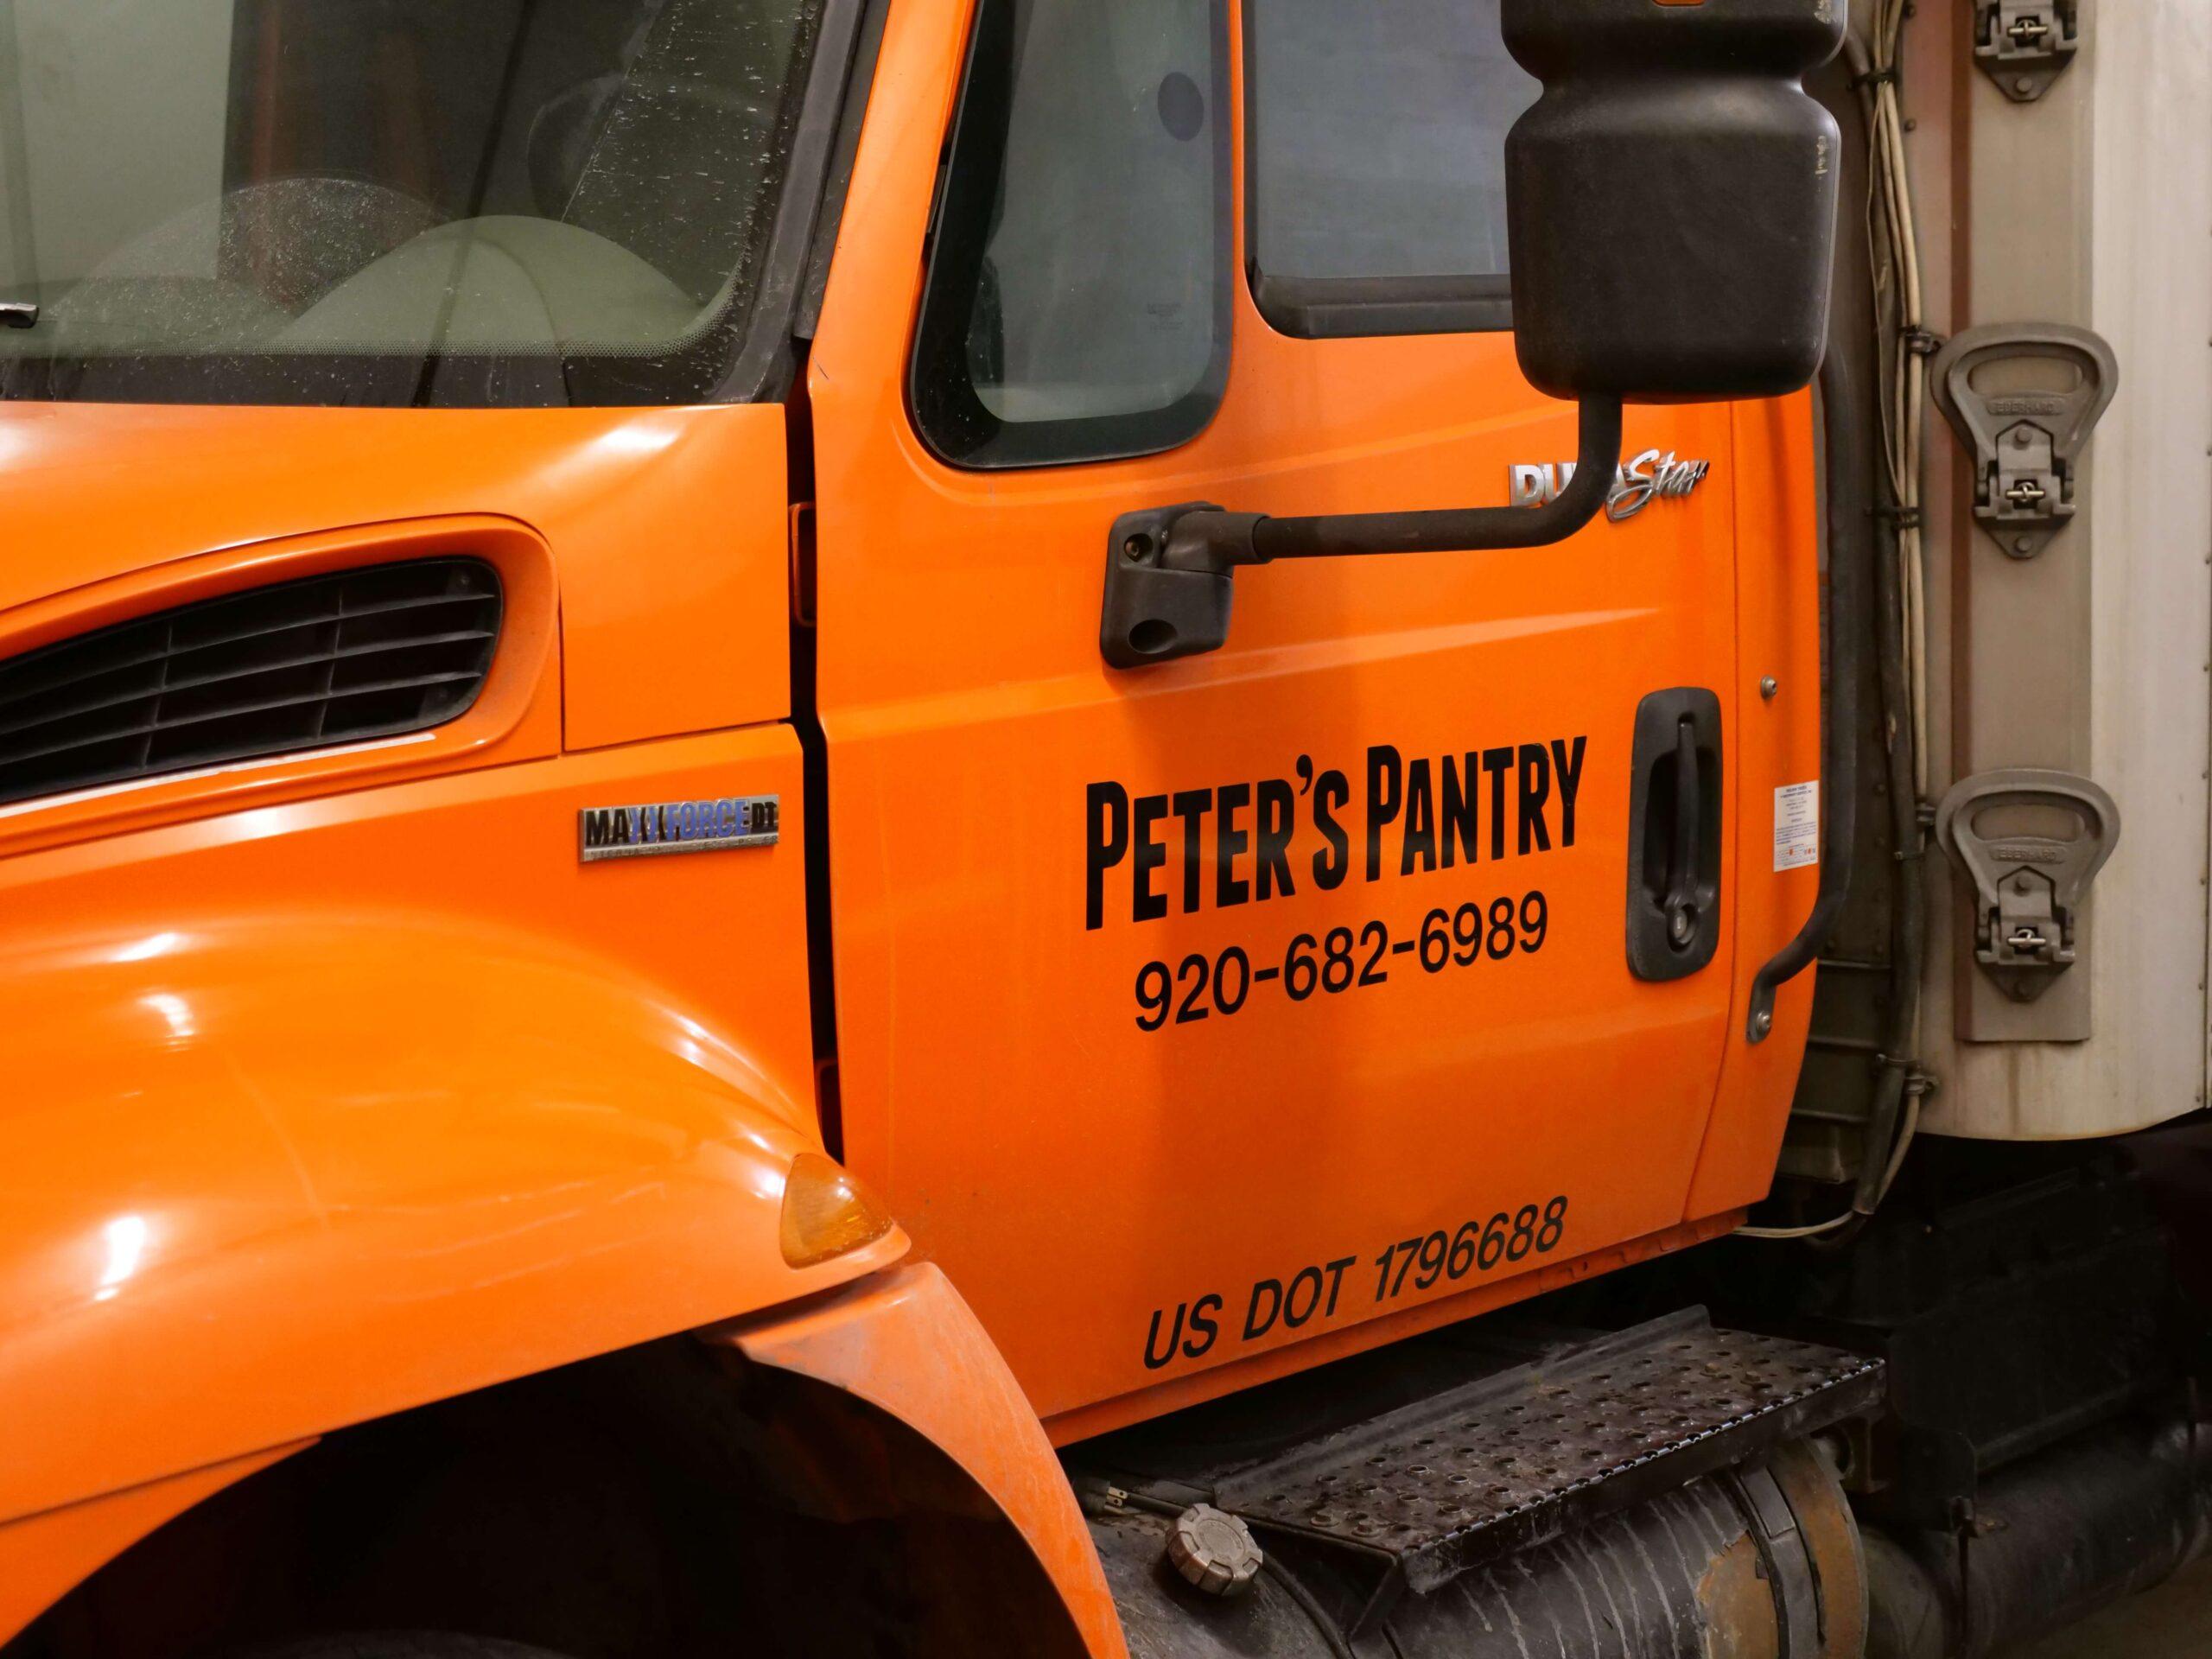 PETERS PANTRY TRUCKS